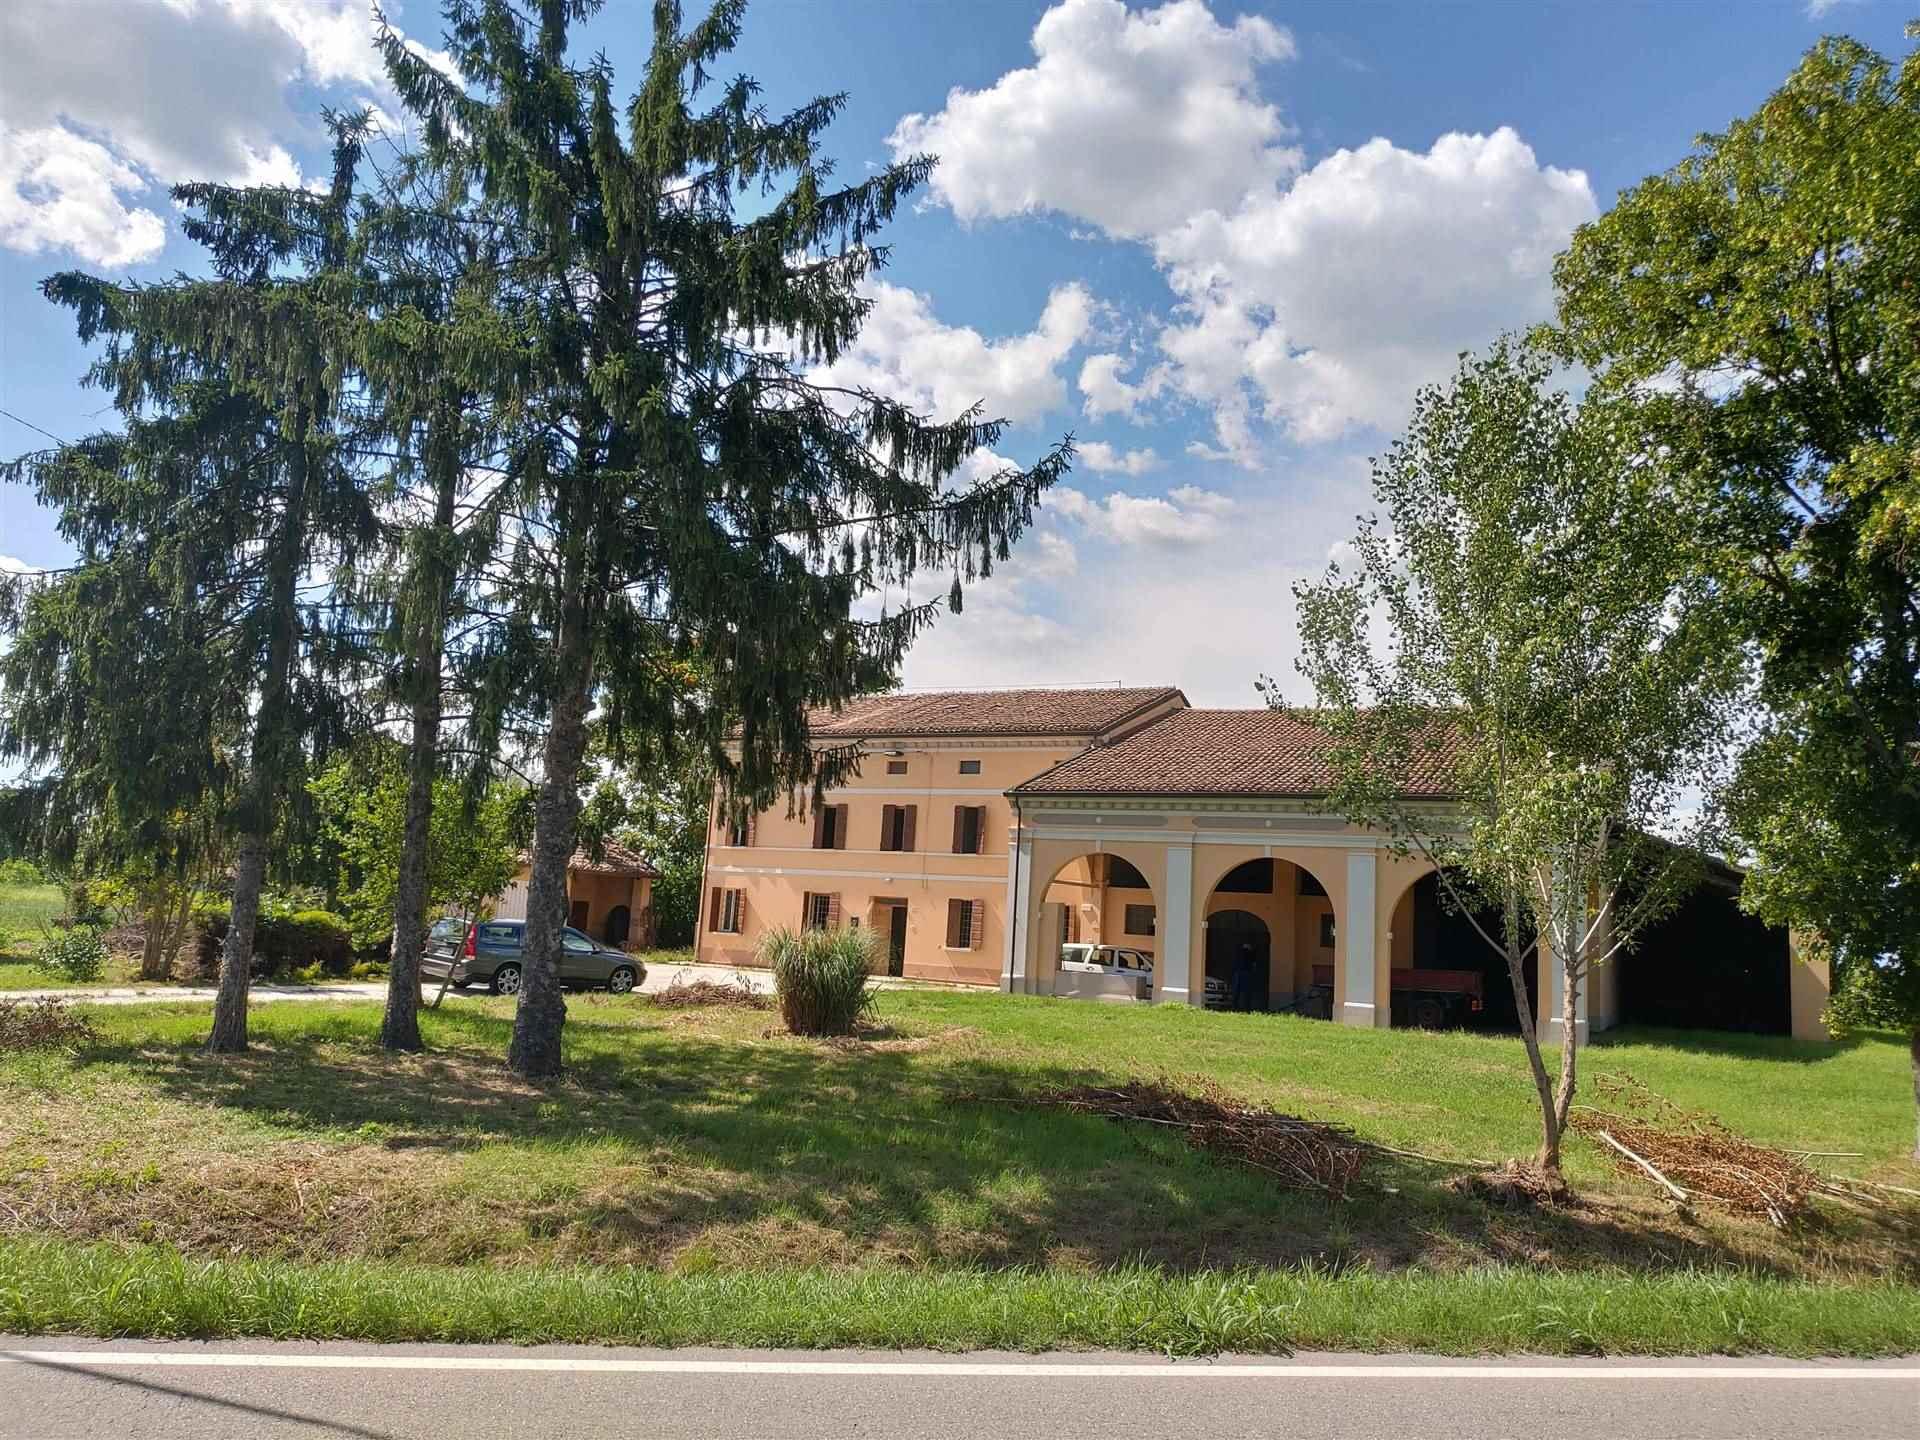 Rustico / Casale in vendita a San Giacomo delle Segnate, 11 locali, zona Zona: Malcantone, prezzo € 209.000 | CambioCasa.it